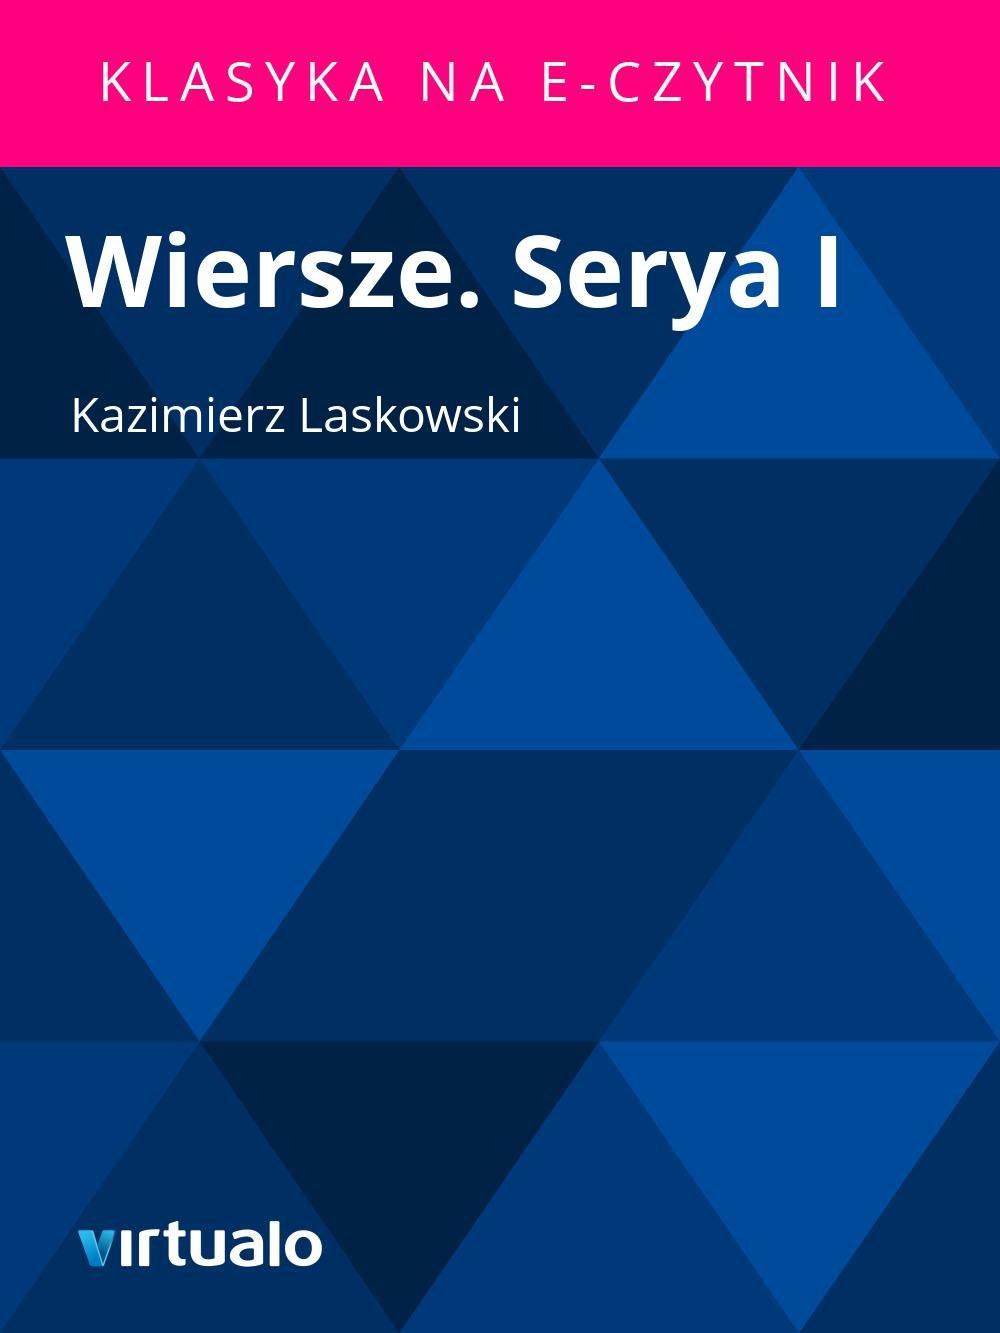 Wiersze. Serya I - Ebook (Książka EPUB) do pobrania w formacie EPUB